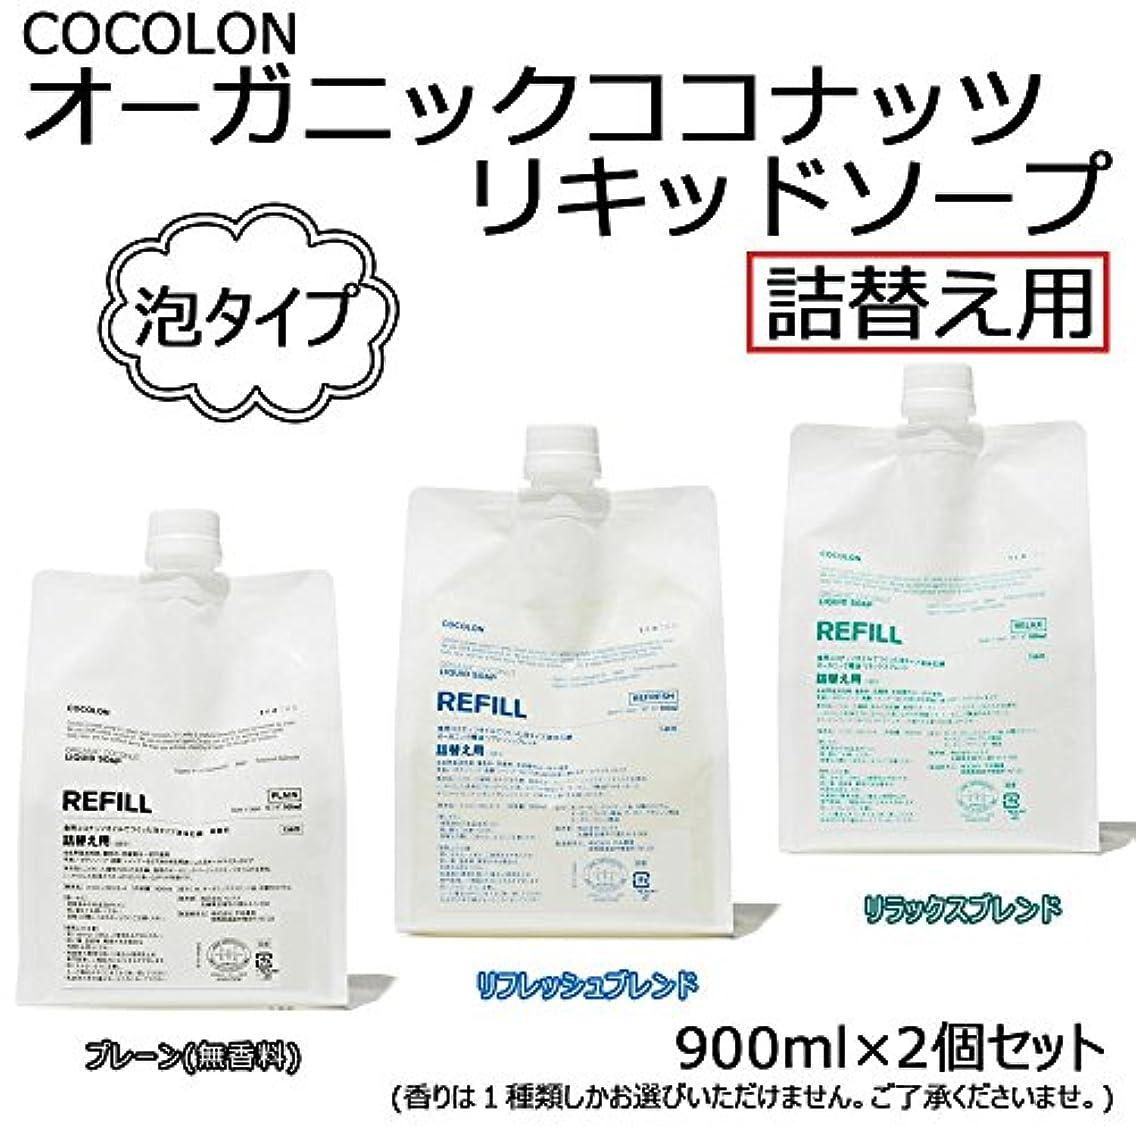 錫王族確認してくださいCOCOLON ココロン オーガニックココナッツリキッドソープ 泡タイプ 詰替え用 900ml 2個セット リラックスブレンド